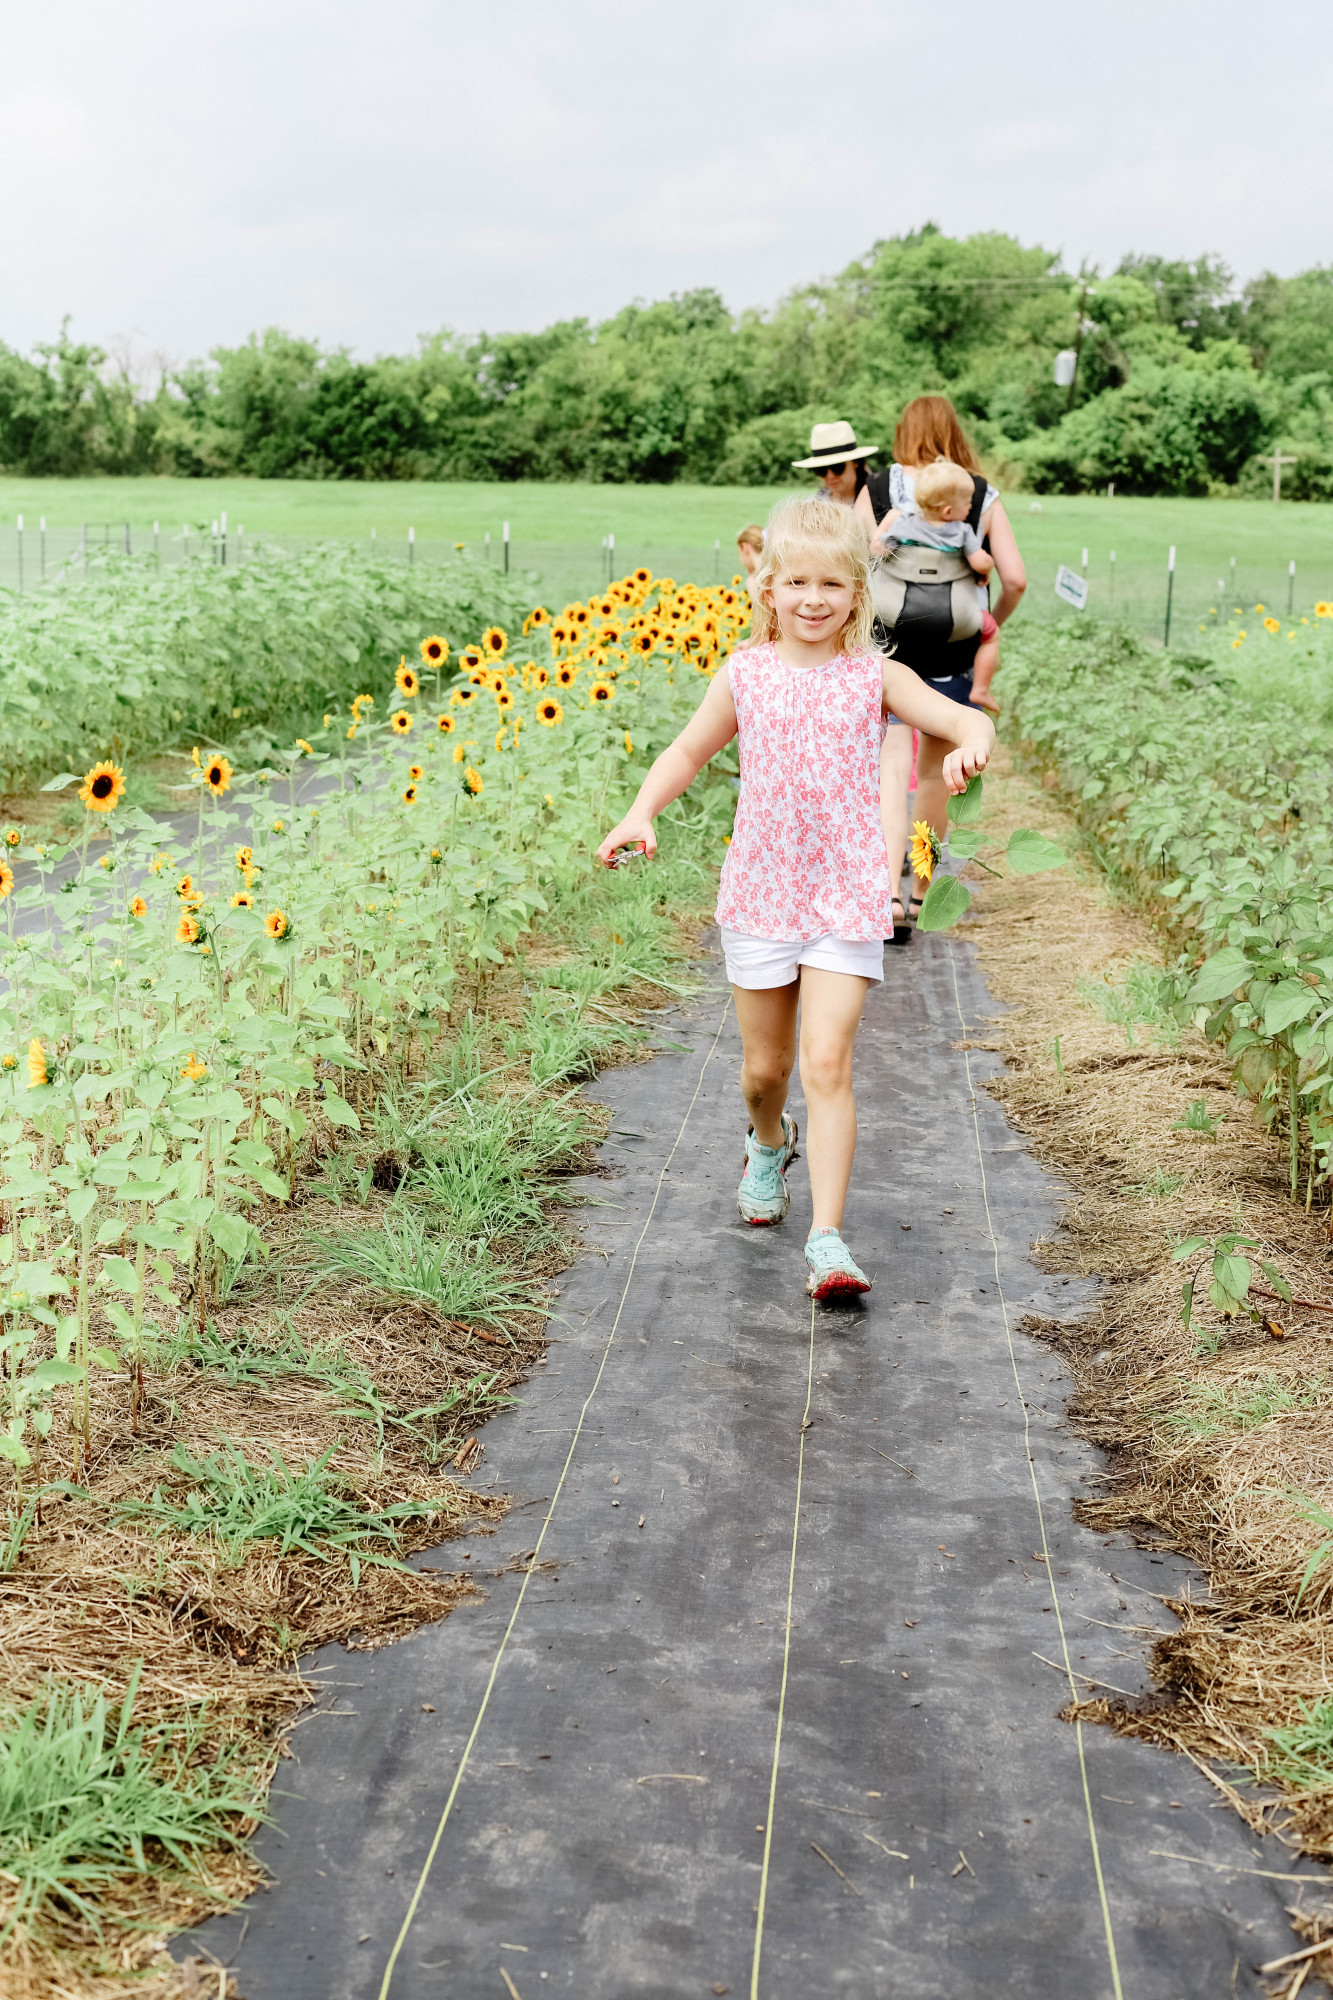 mars hill farm